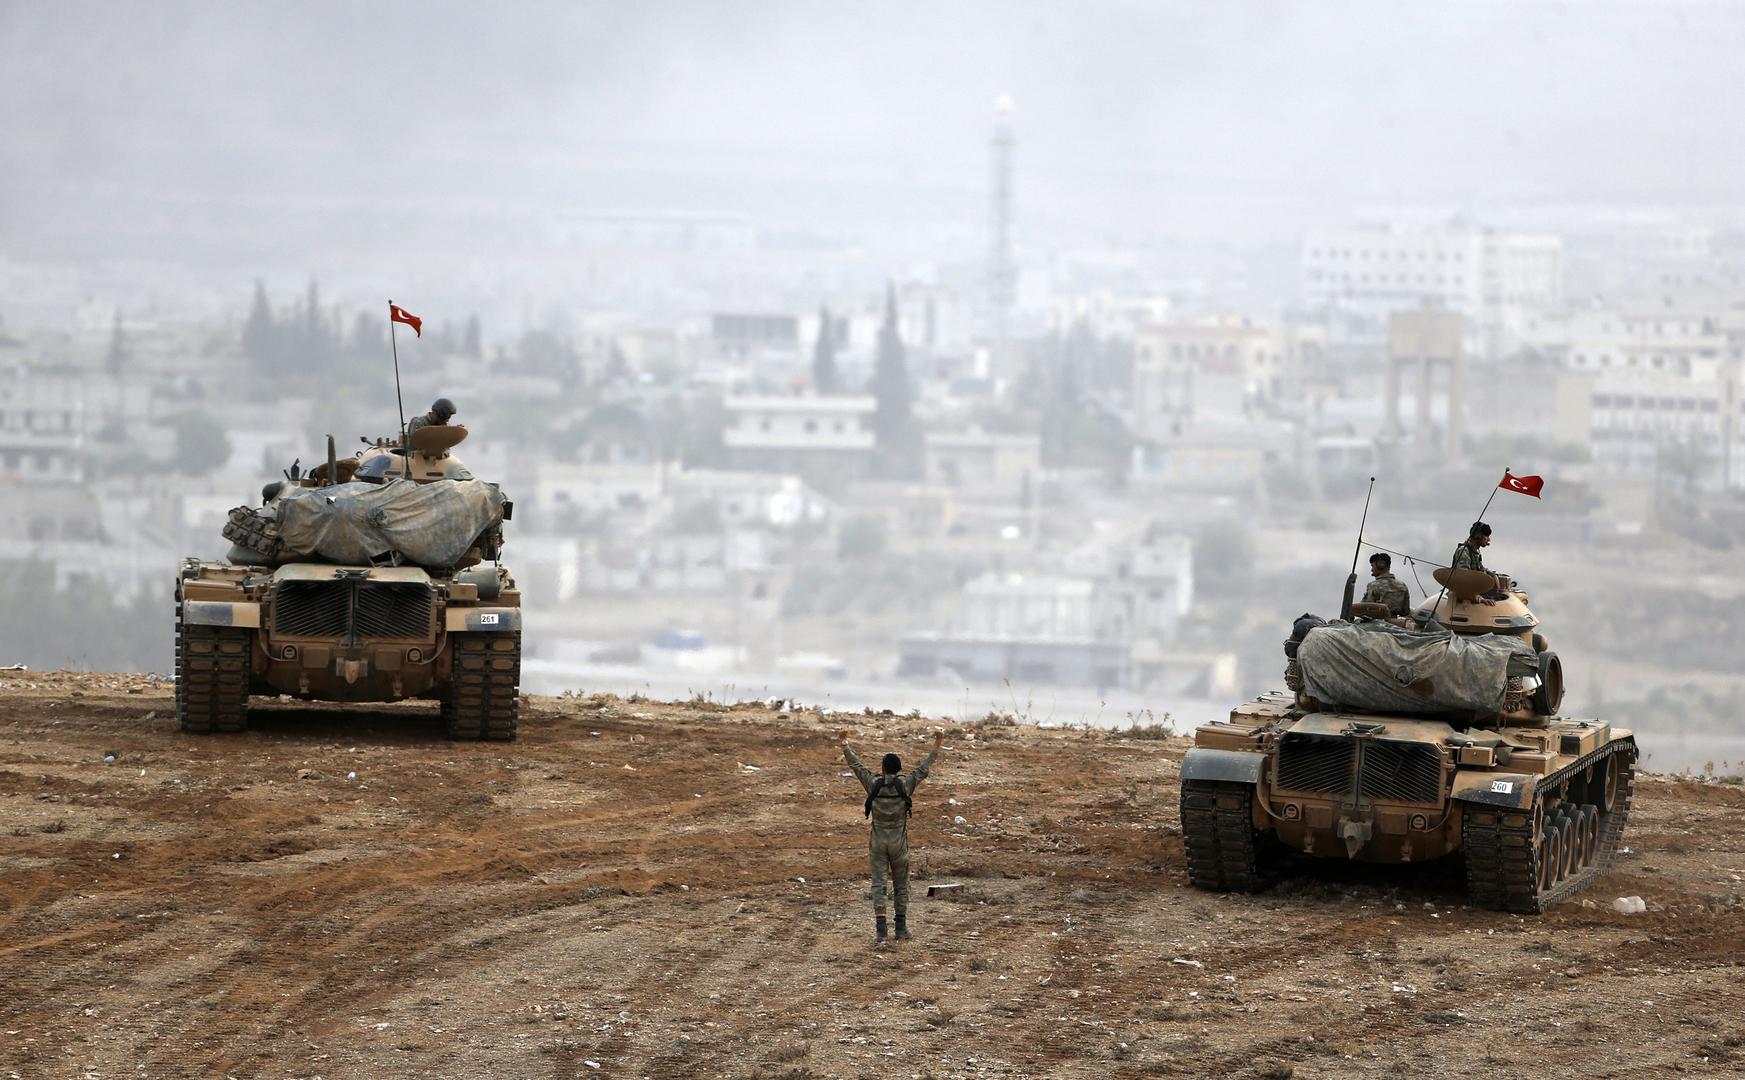 دبابات تركية عند حدود سوريا مقابل مدينة عين العرب - أكتوبر 2014